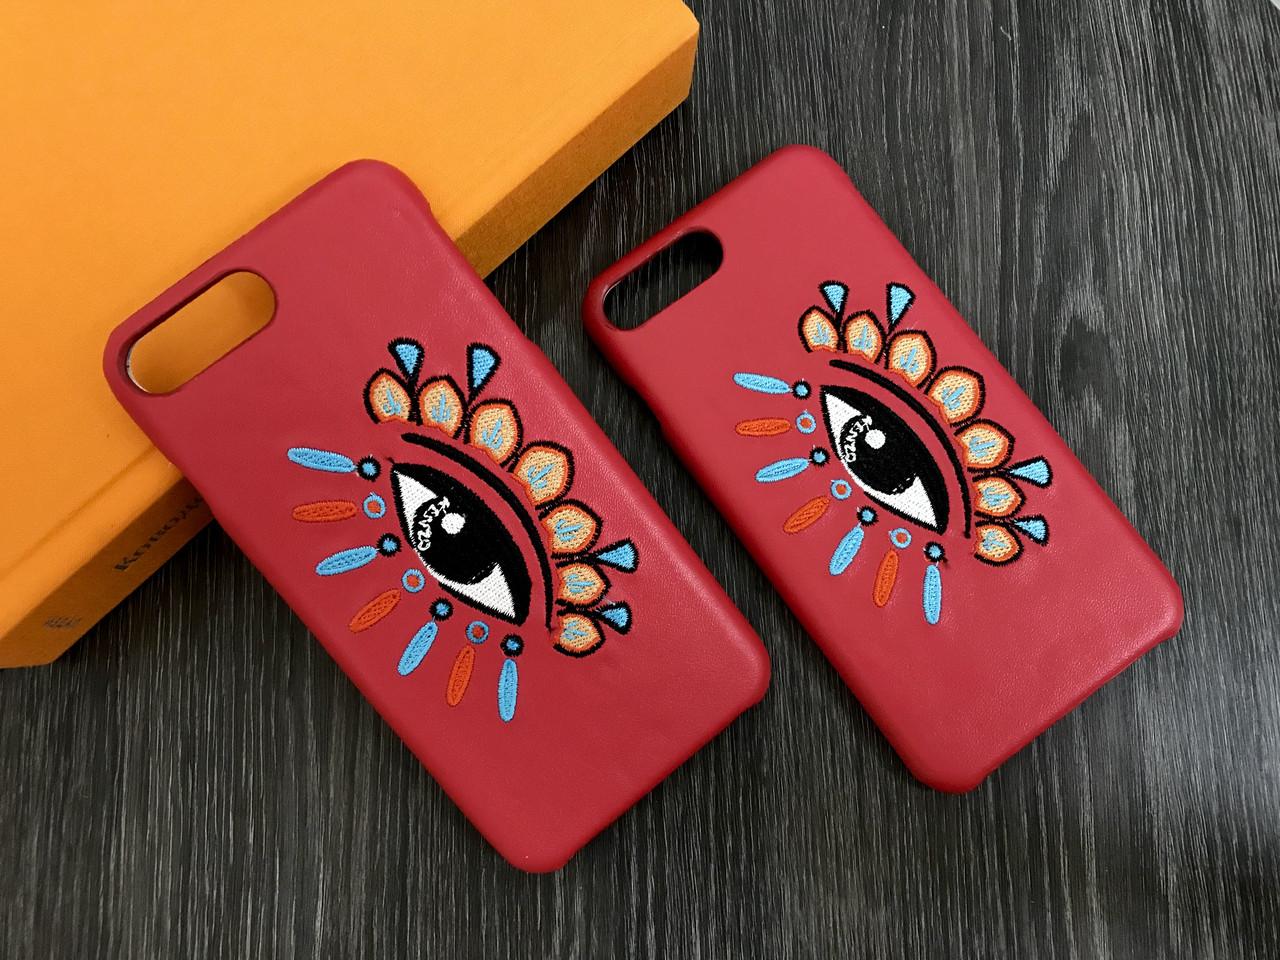 Плаcтиковый чехол для iPhone 7 Plus / 8 Plus Красный с глазом, кожа